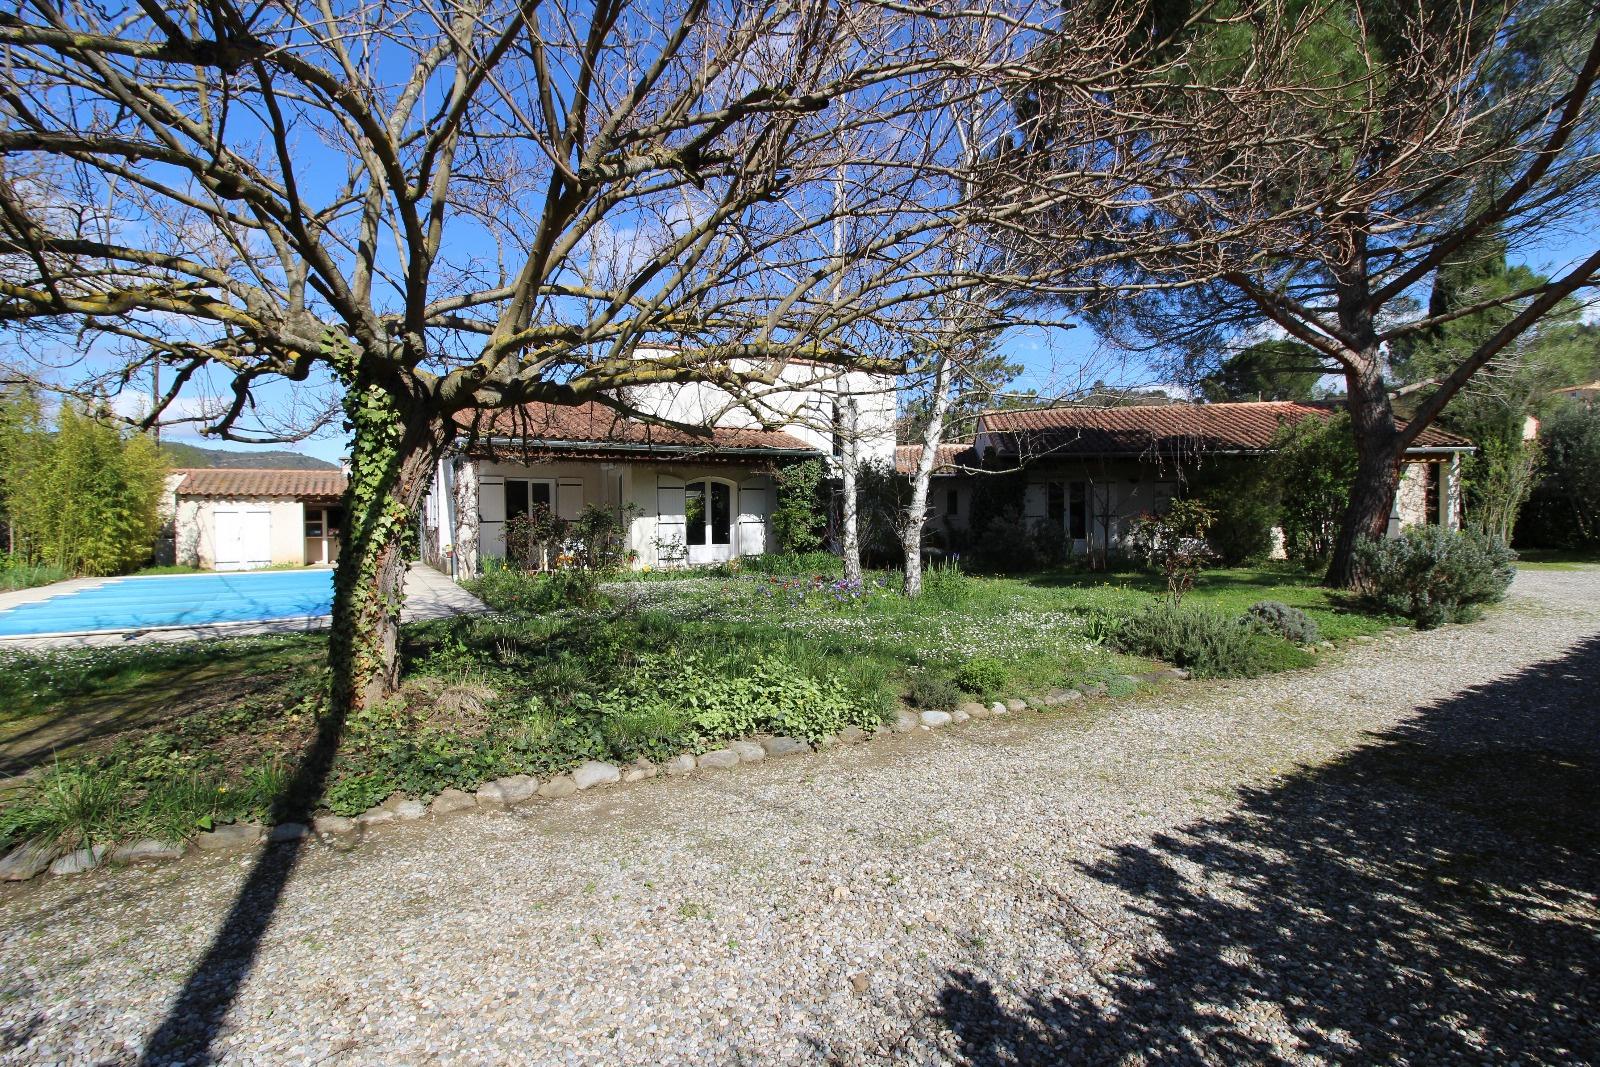 Vente dans un nid de verdure au calme belle villa d for Architecte de jardin namur